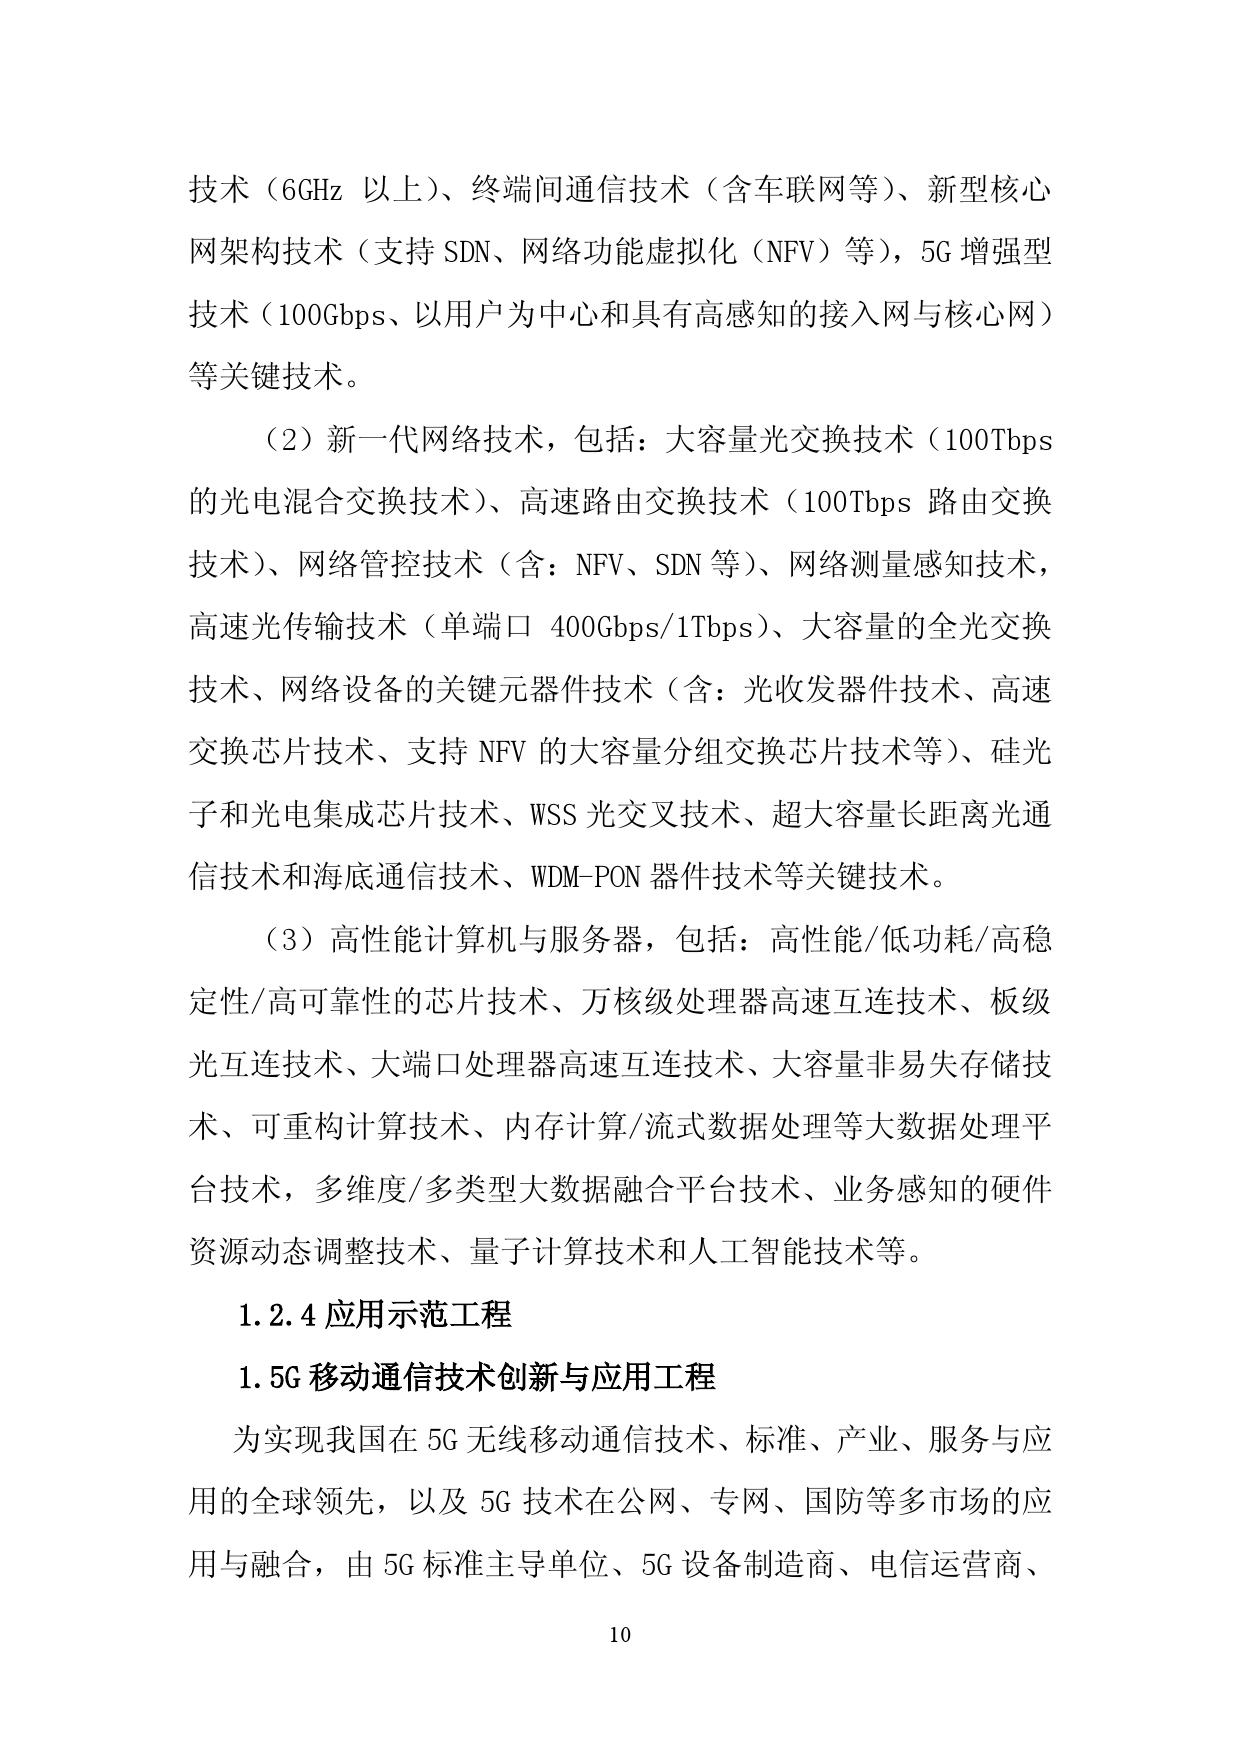 《中国制造 2025》重点领域技术路线图_000016